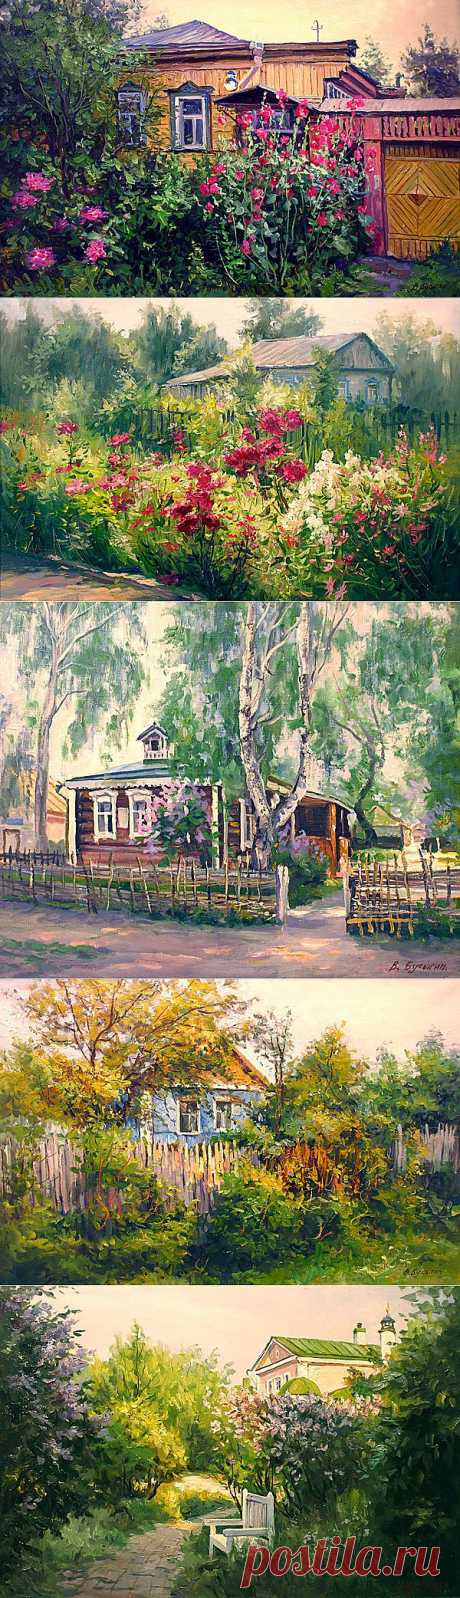 Замечательные деревенские пейзажи Валерия Бусыгина.